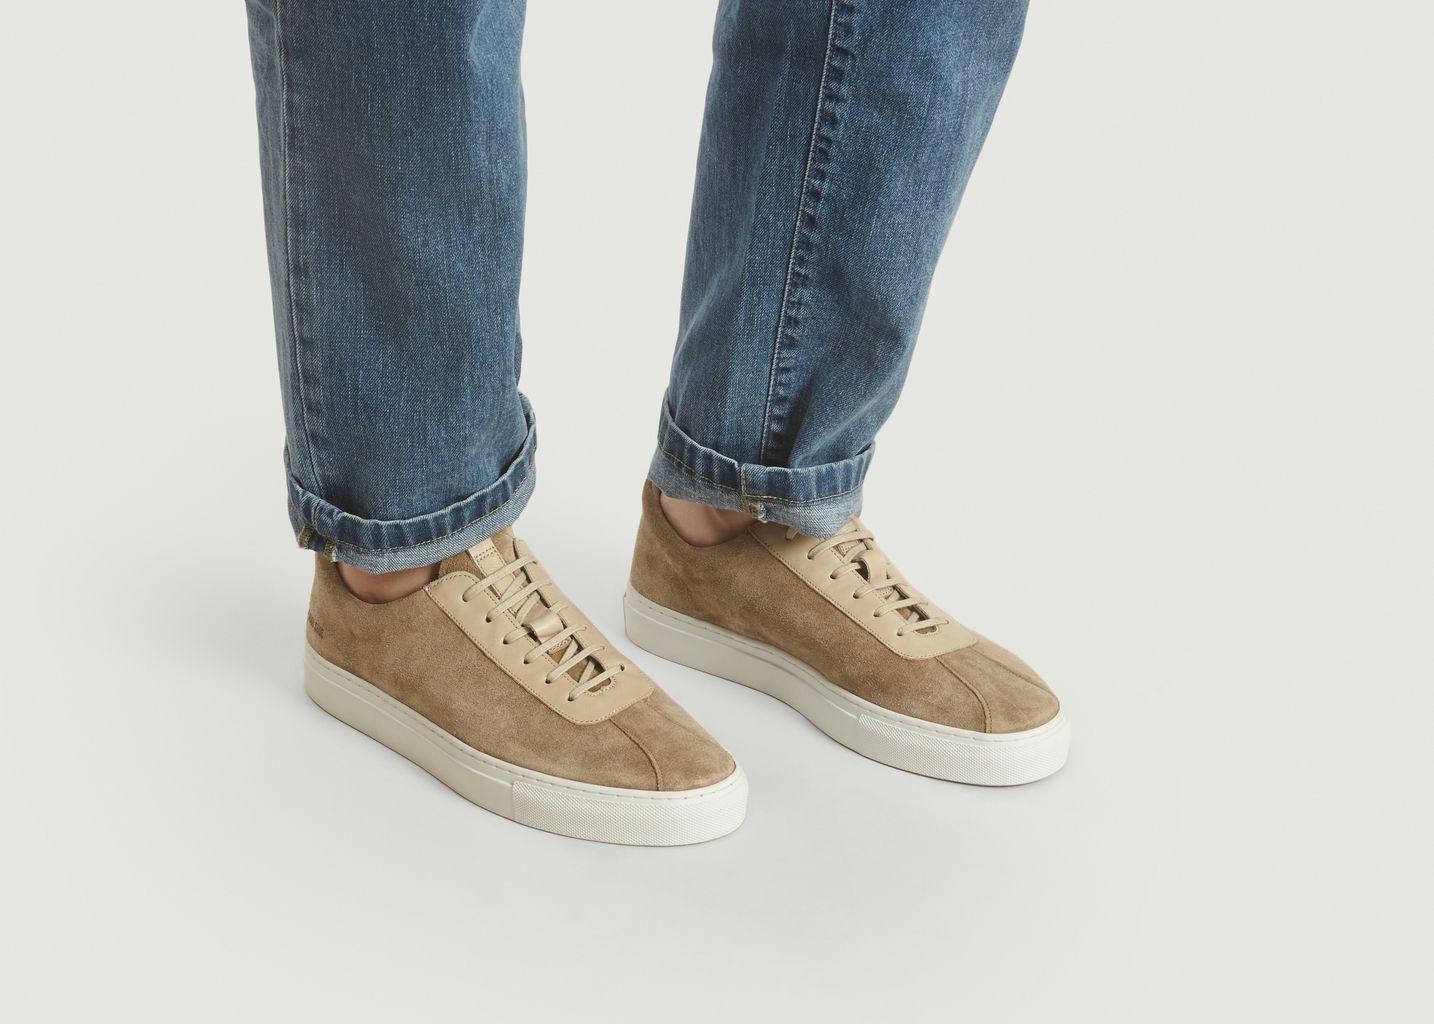 Sneakers 1 En Cuir Suédé - Grenson